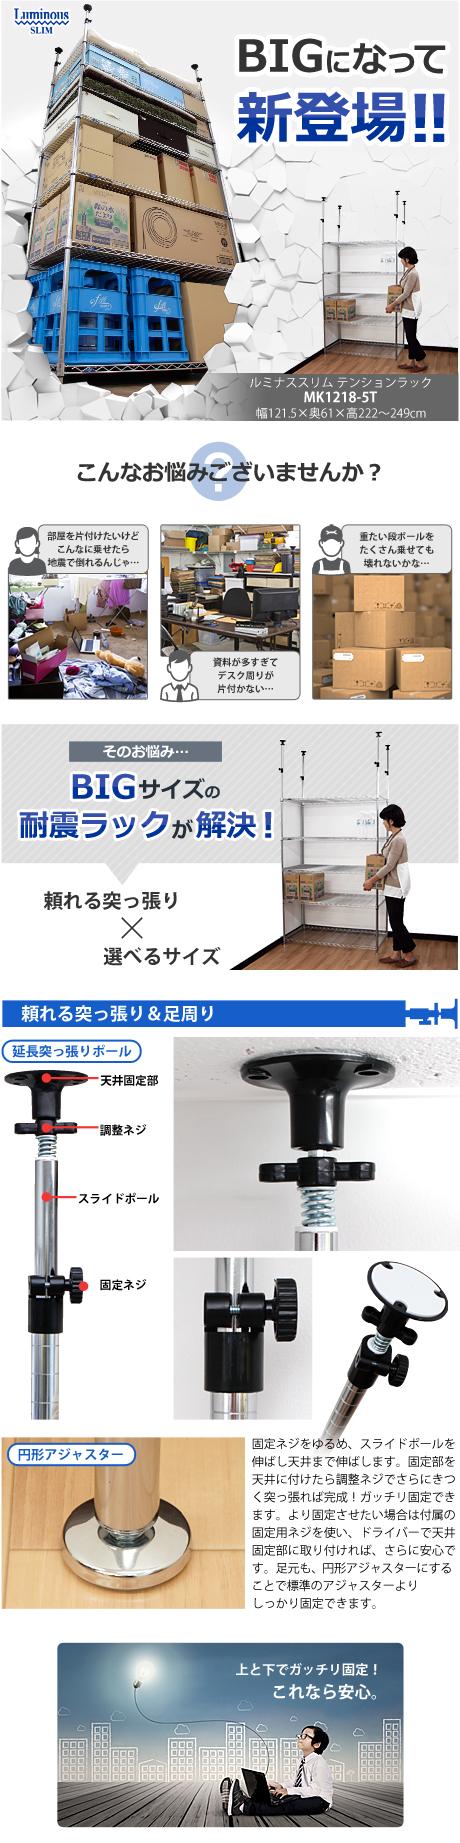 BIGになって新登場!!mk1218-5t